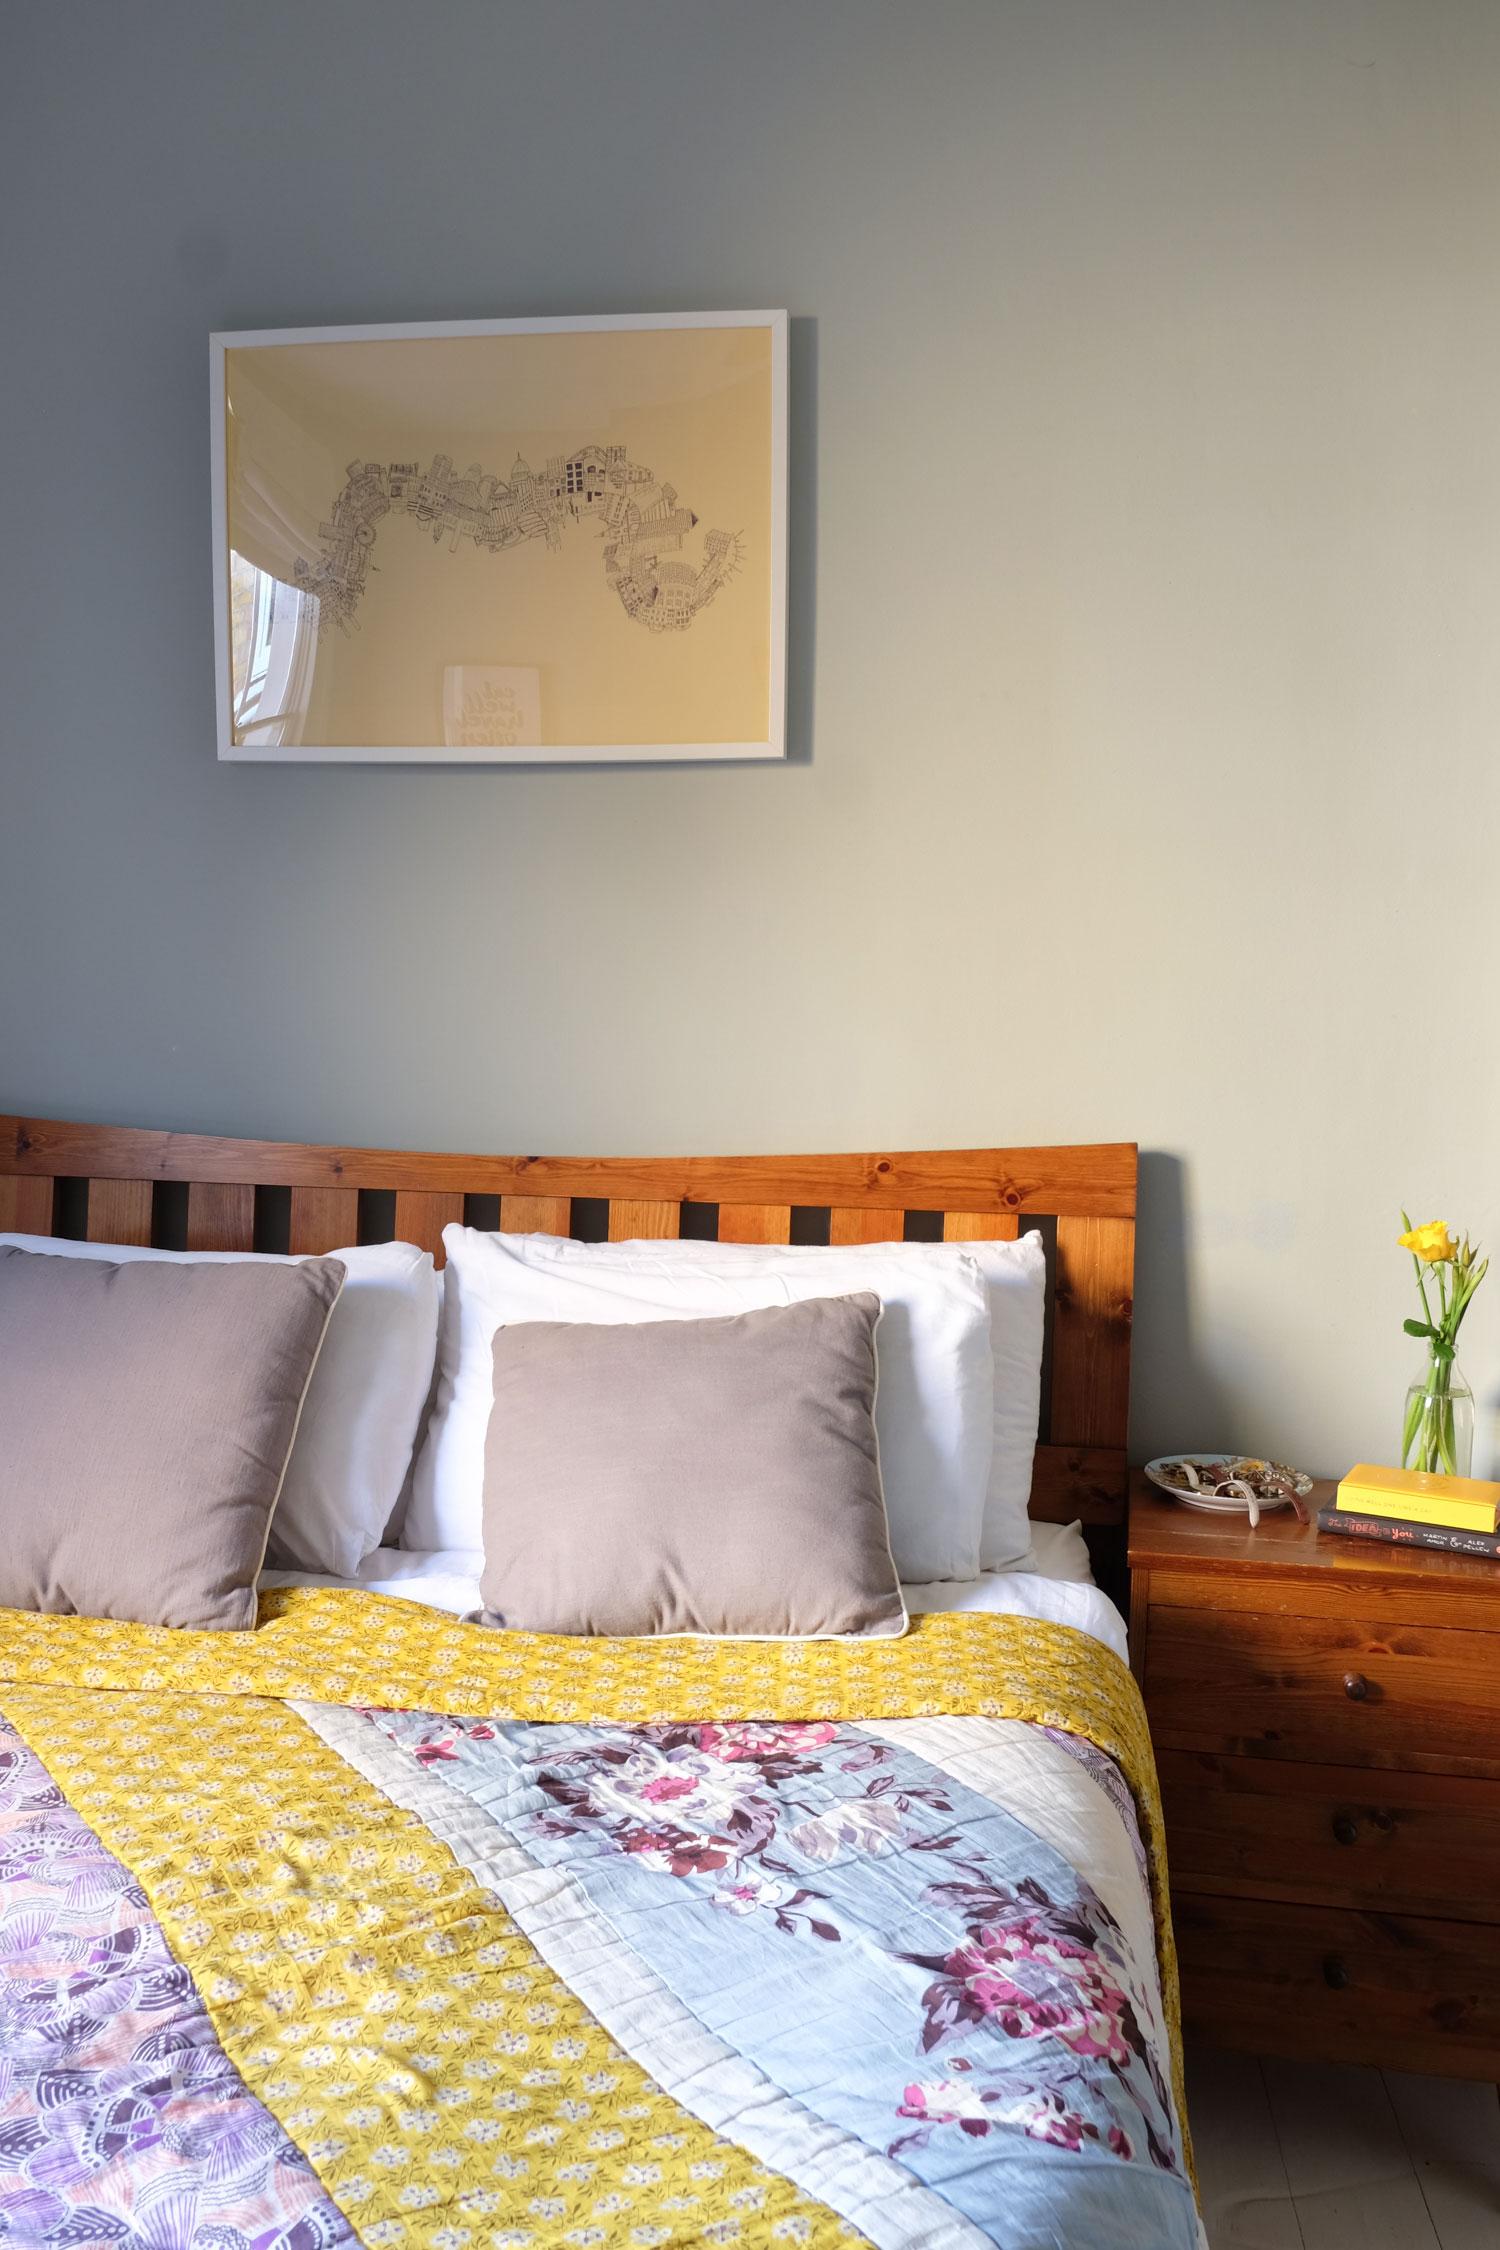 interiordesign_clairehartley-bedroom2